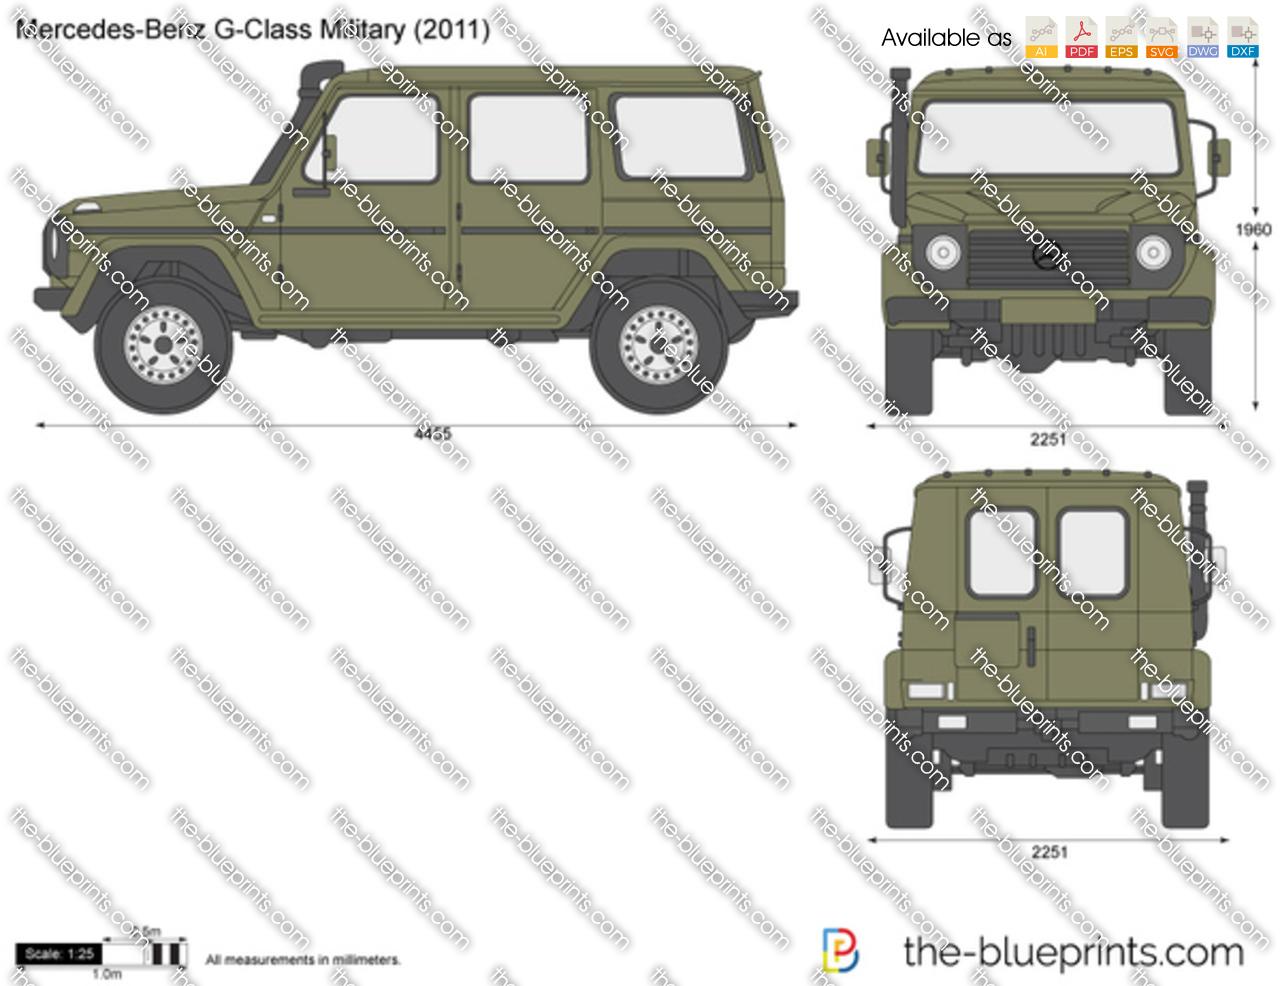 Mercedes-Benz G-Class Military 461 1992